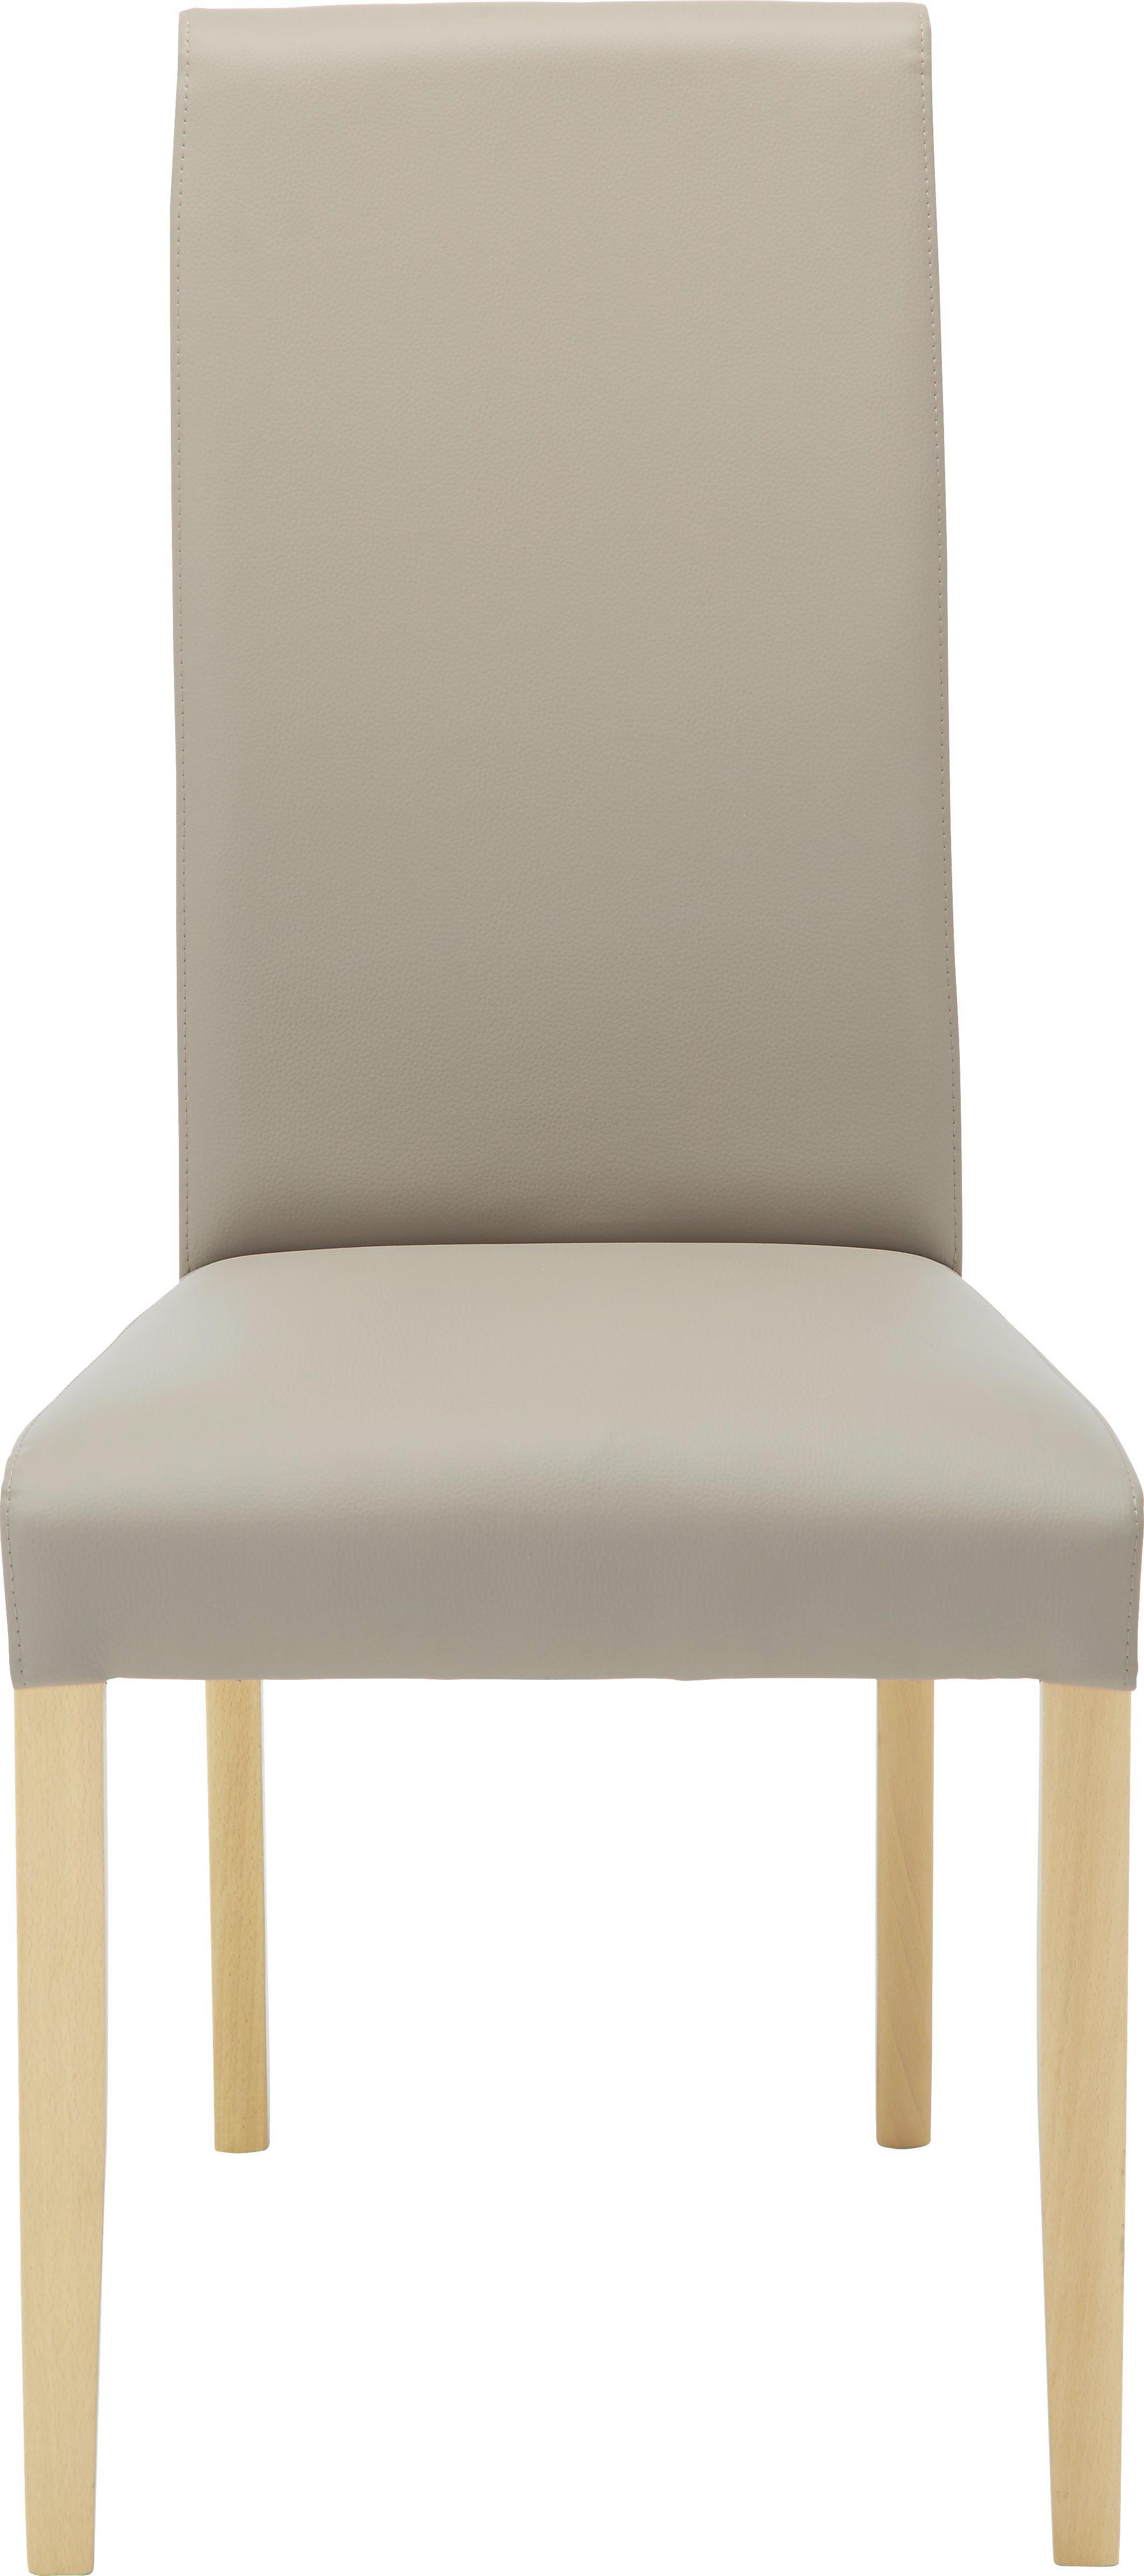 Stuhl in Schlamm/Weiß - Schlammfarben/Buchefarben, MODERN, Holz/Textil (49/105/48cm) - MODERN LIVING